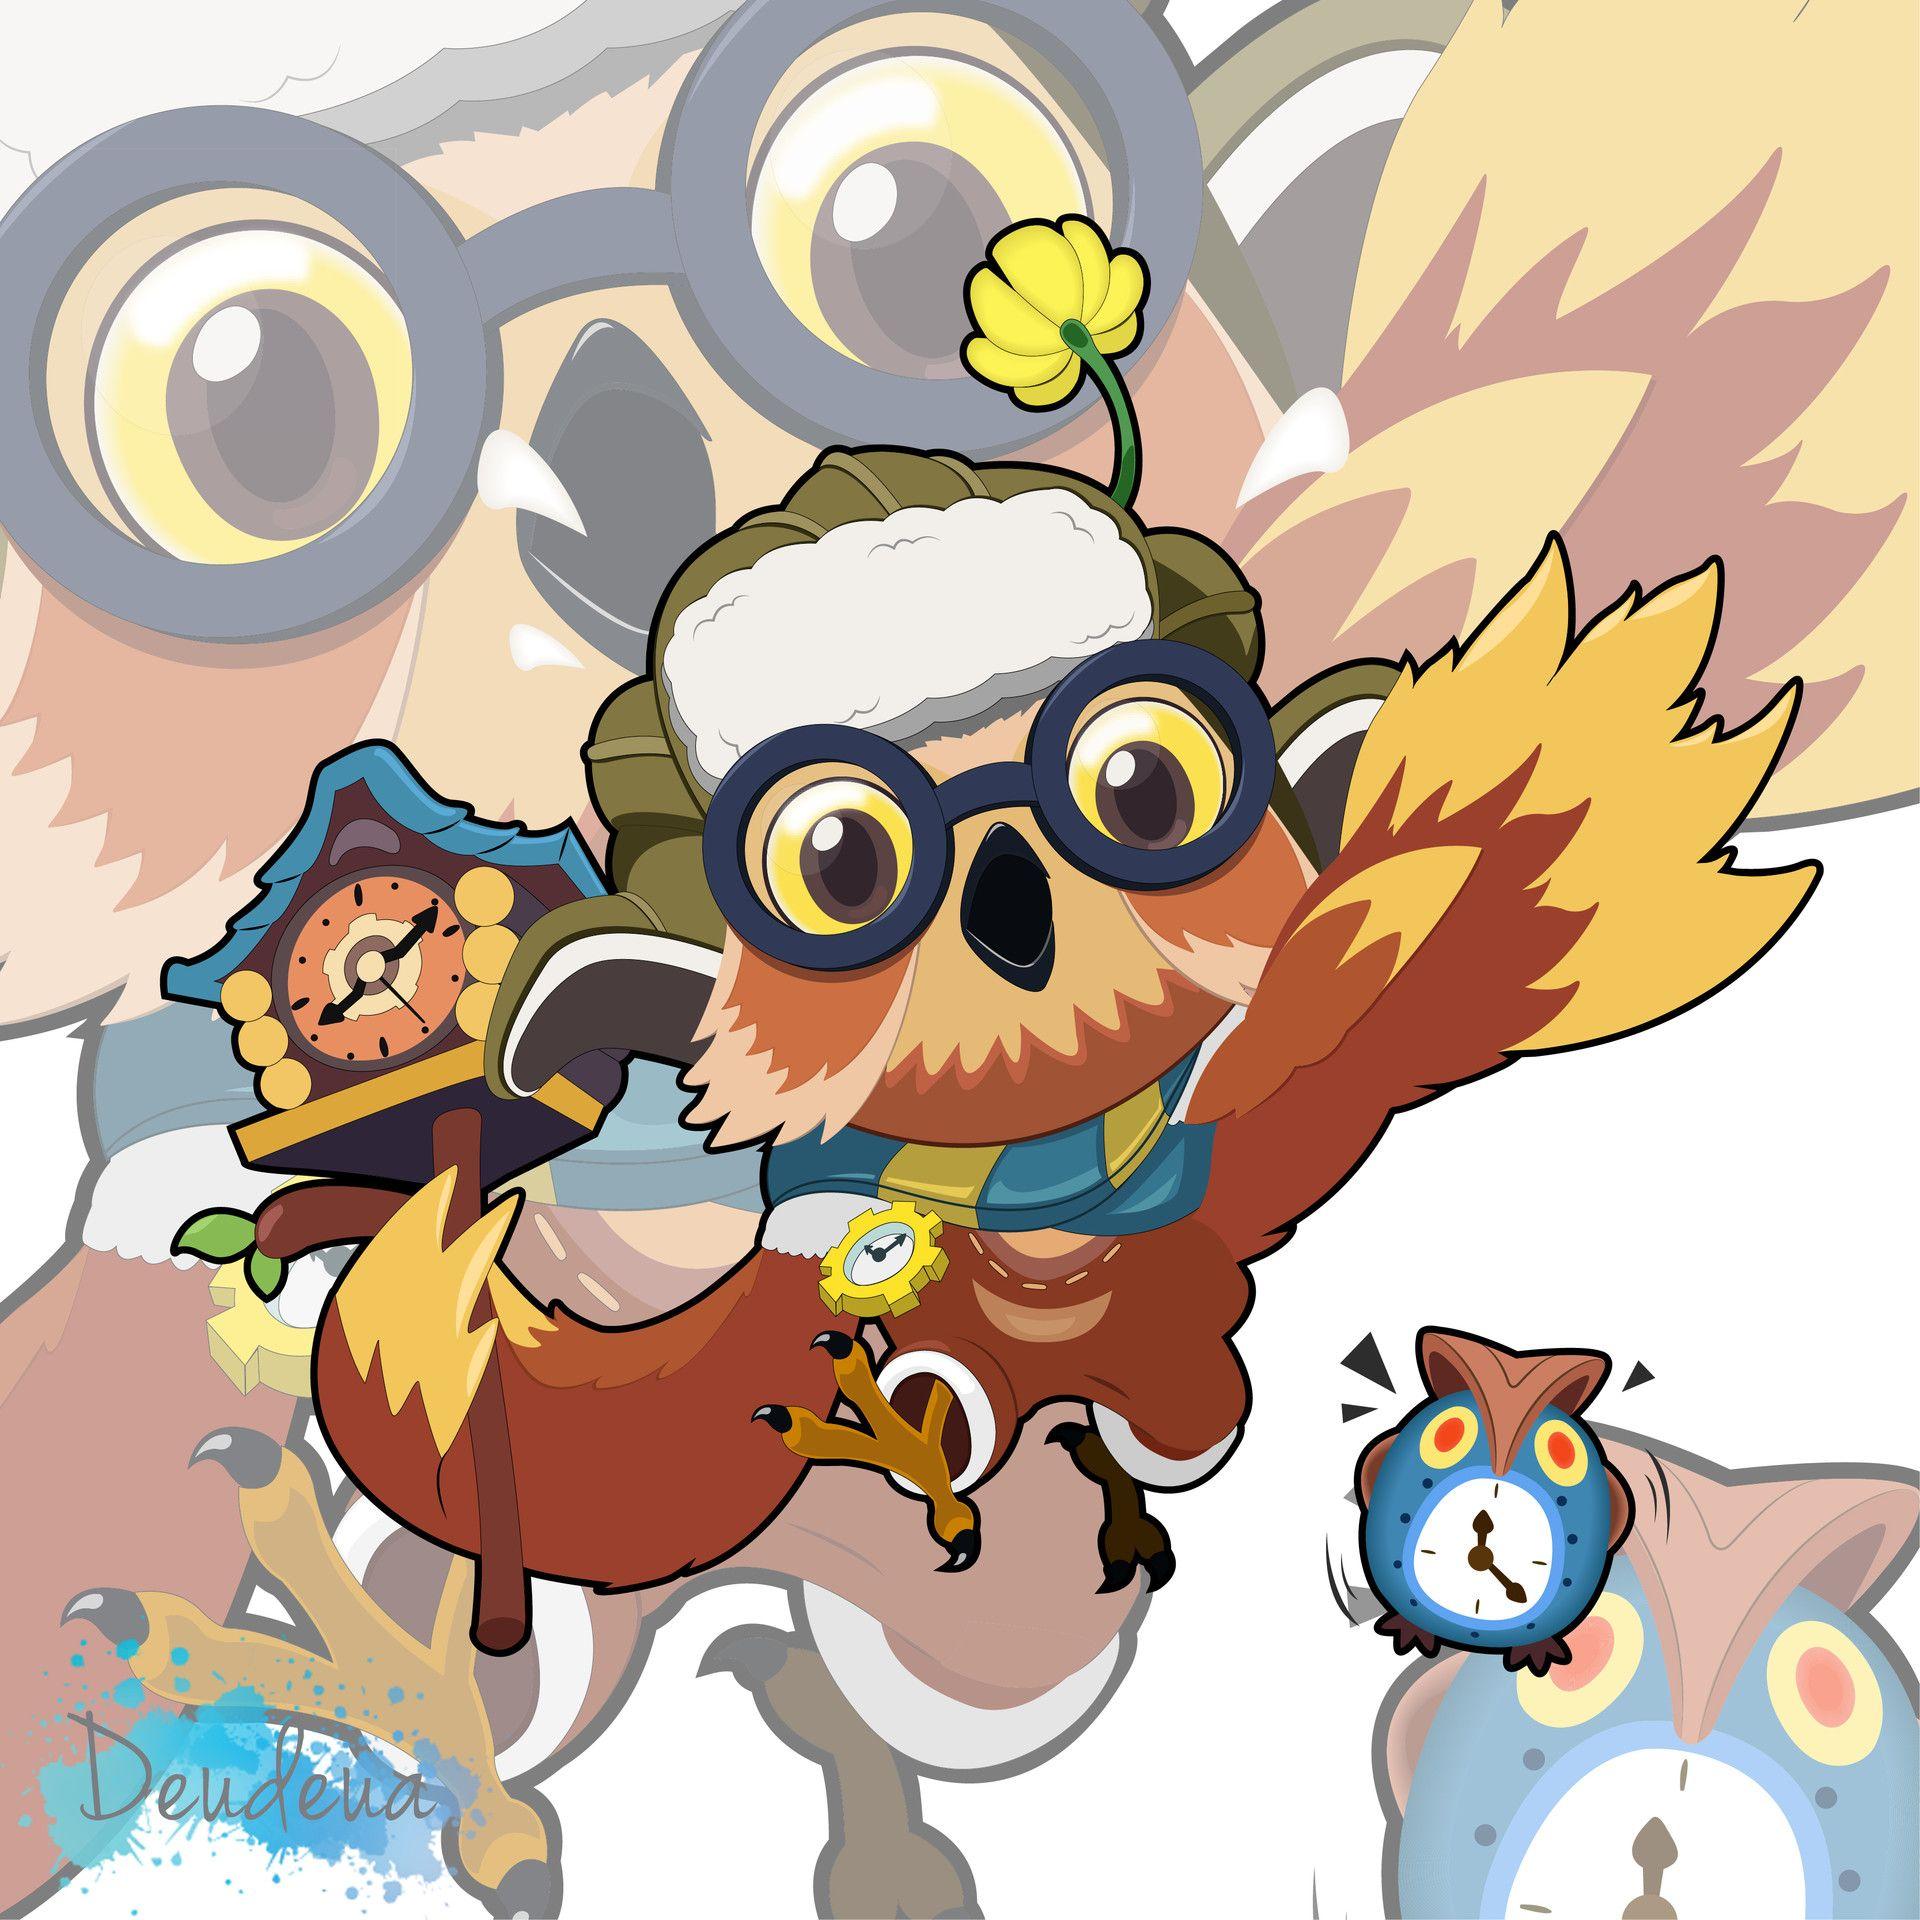 Diggie Mobile Legends Mobile Legends Mobile Legend Wallpaper Anime Mobile